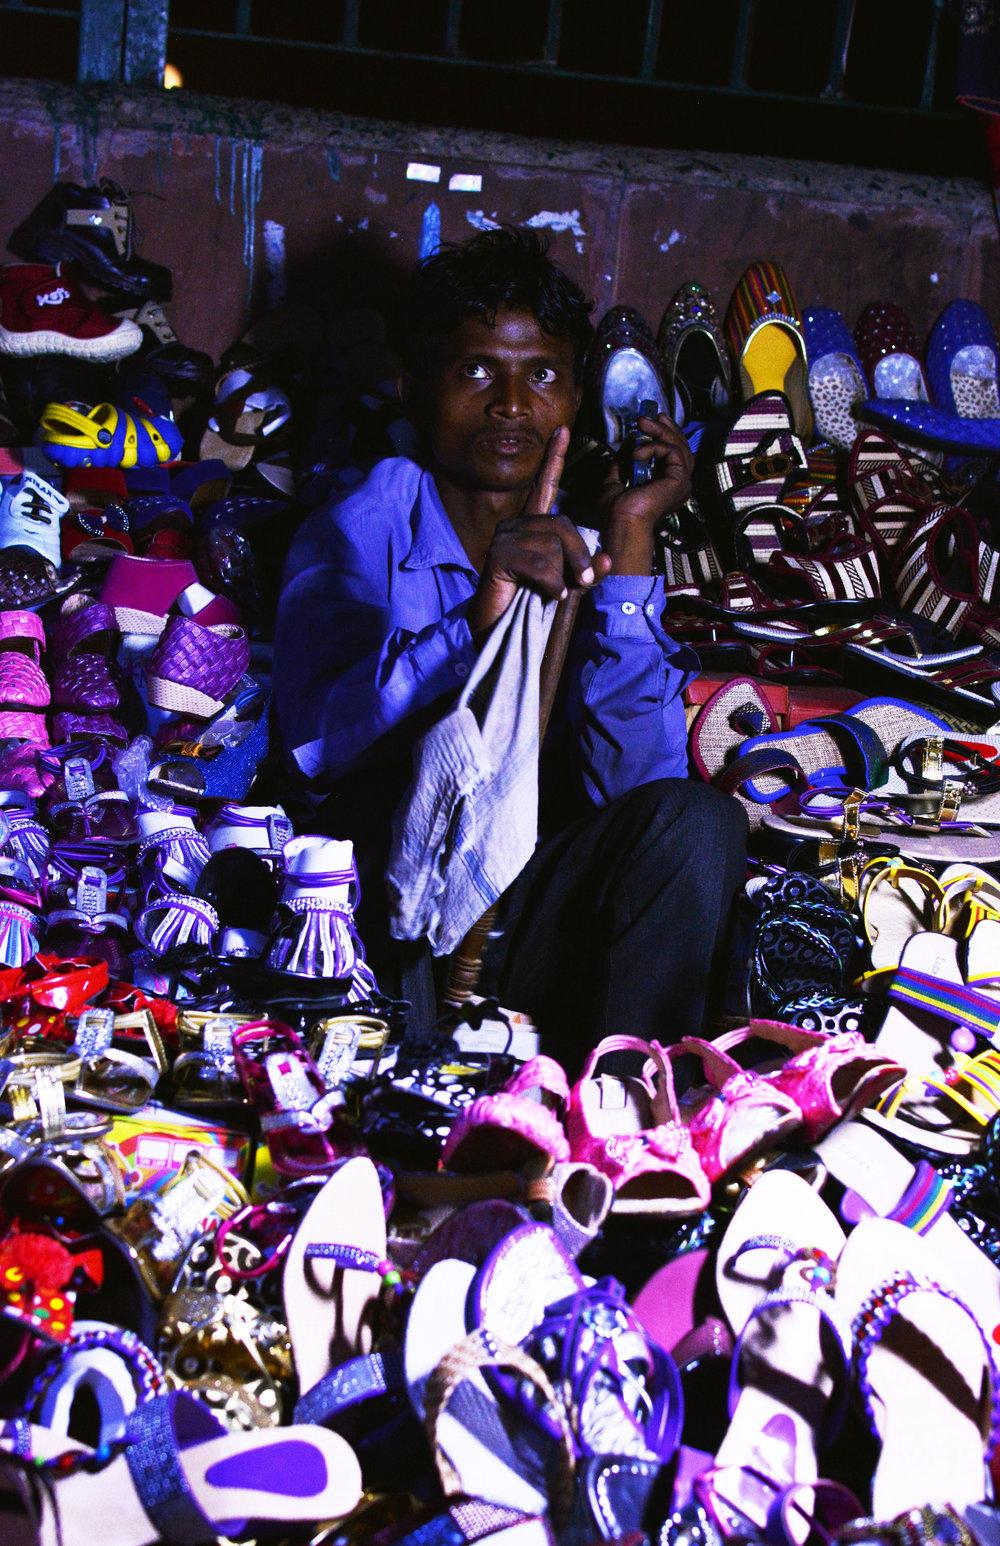 shoes vendor.jpg